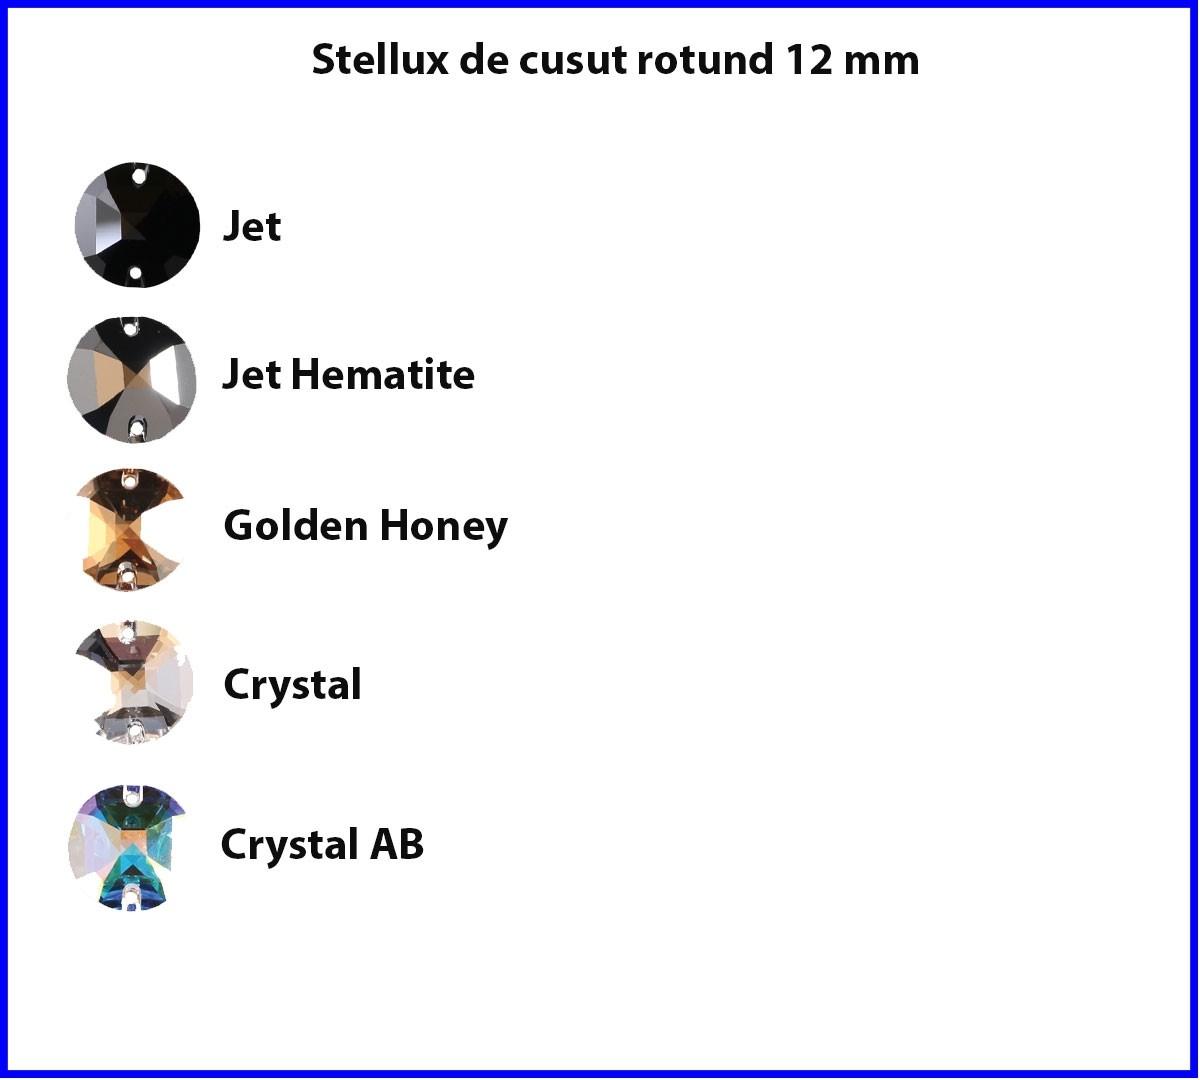 Stellux de cusut Rotund 12mm